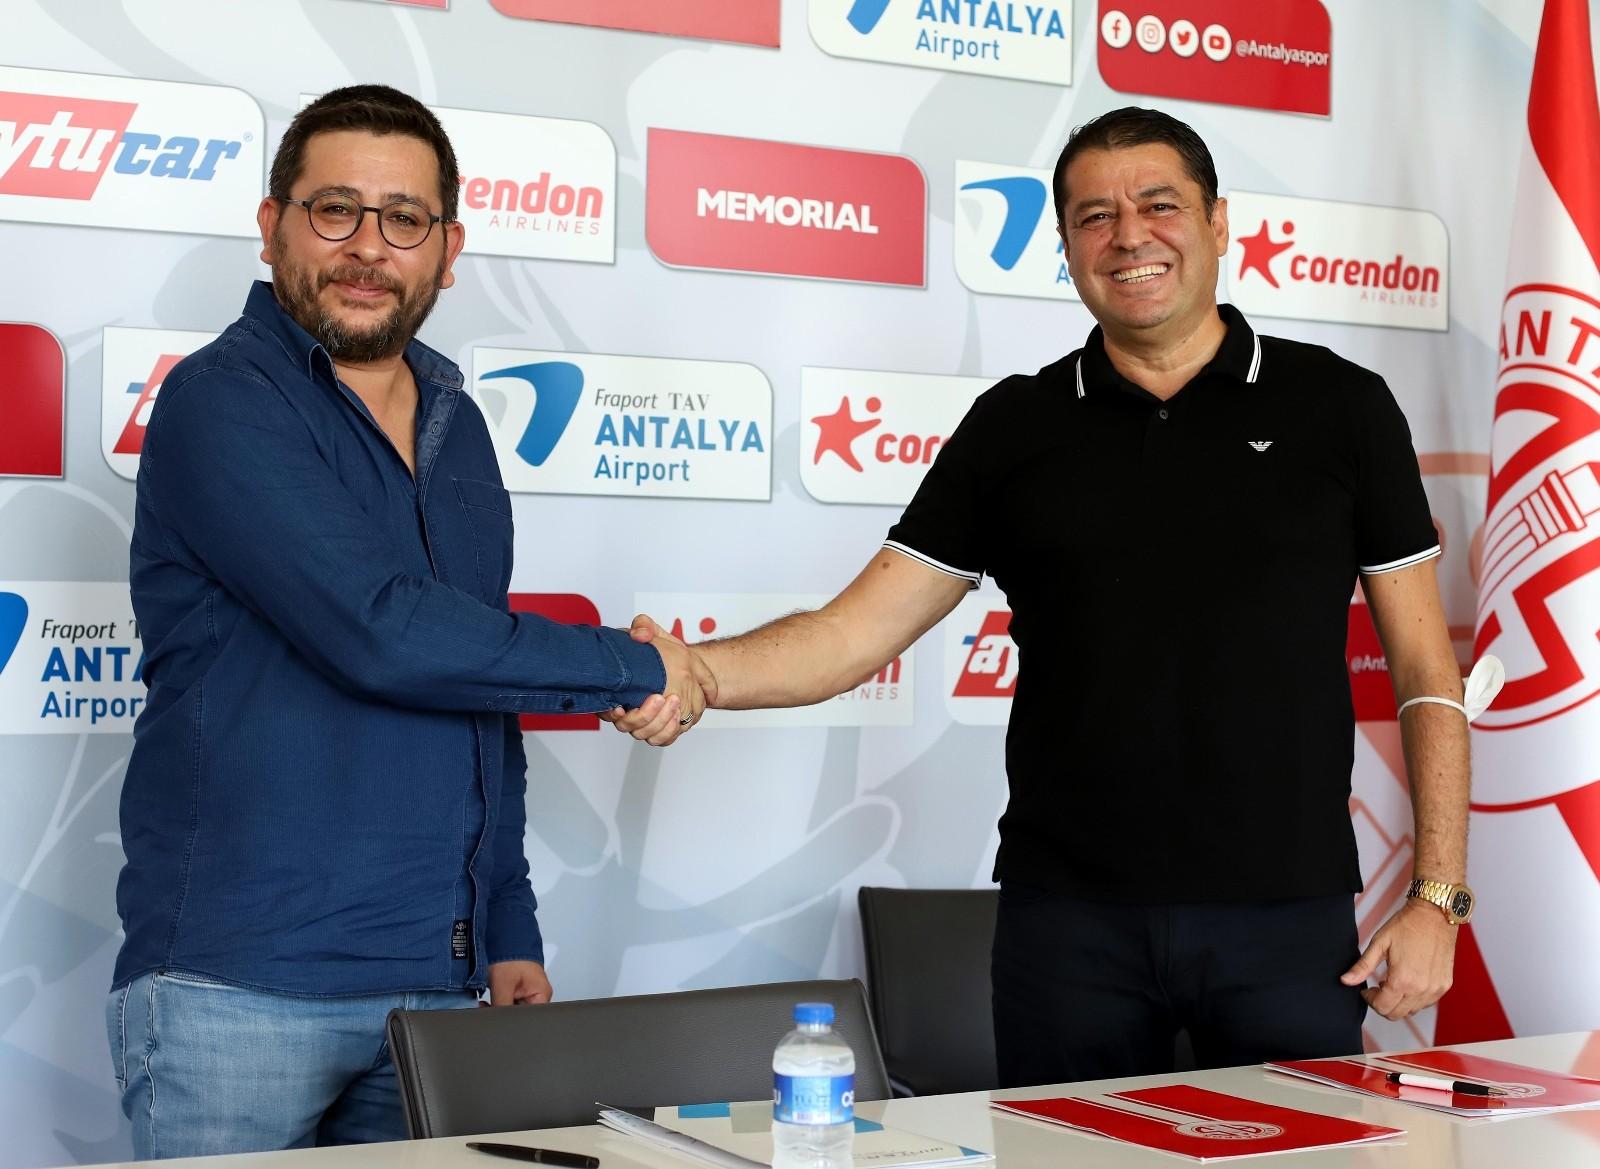 FT Antalyaspor ile Winter League arasında marka işbirliği sözleşmesi imzalandı